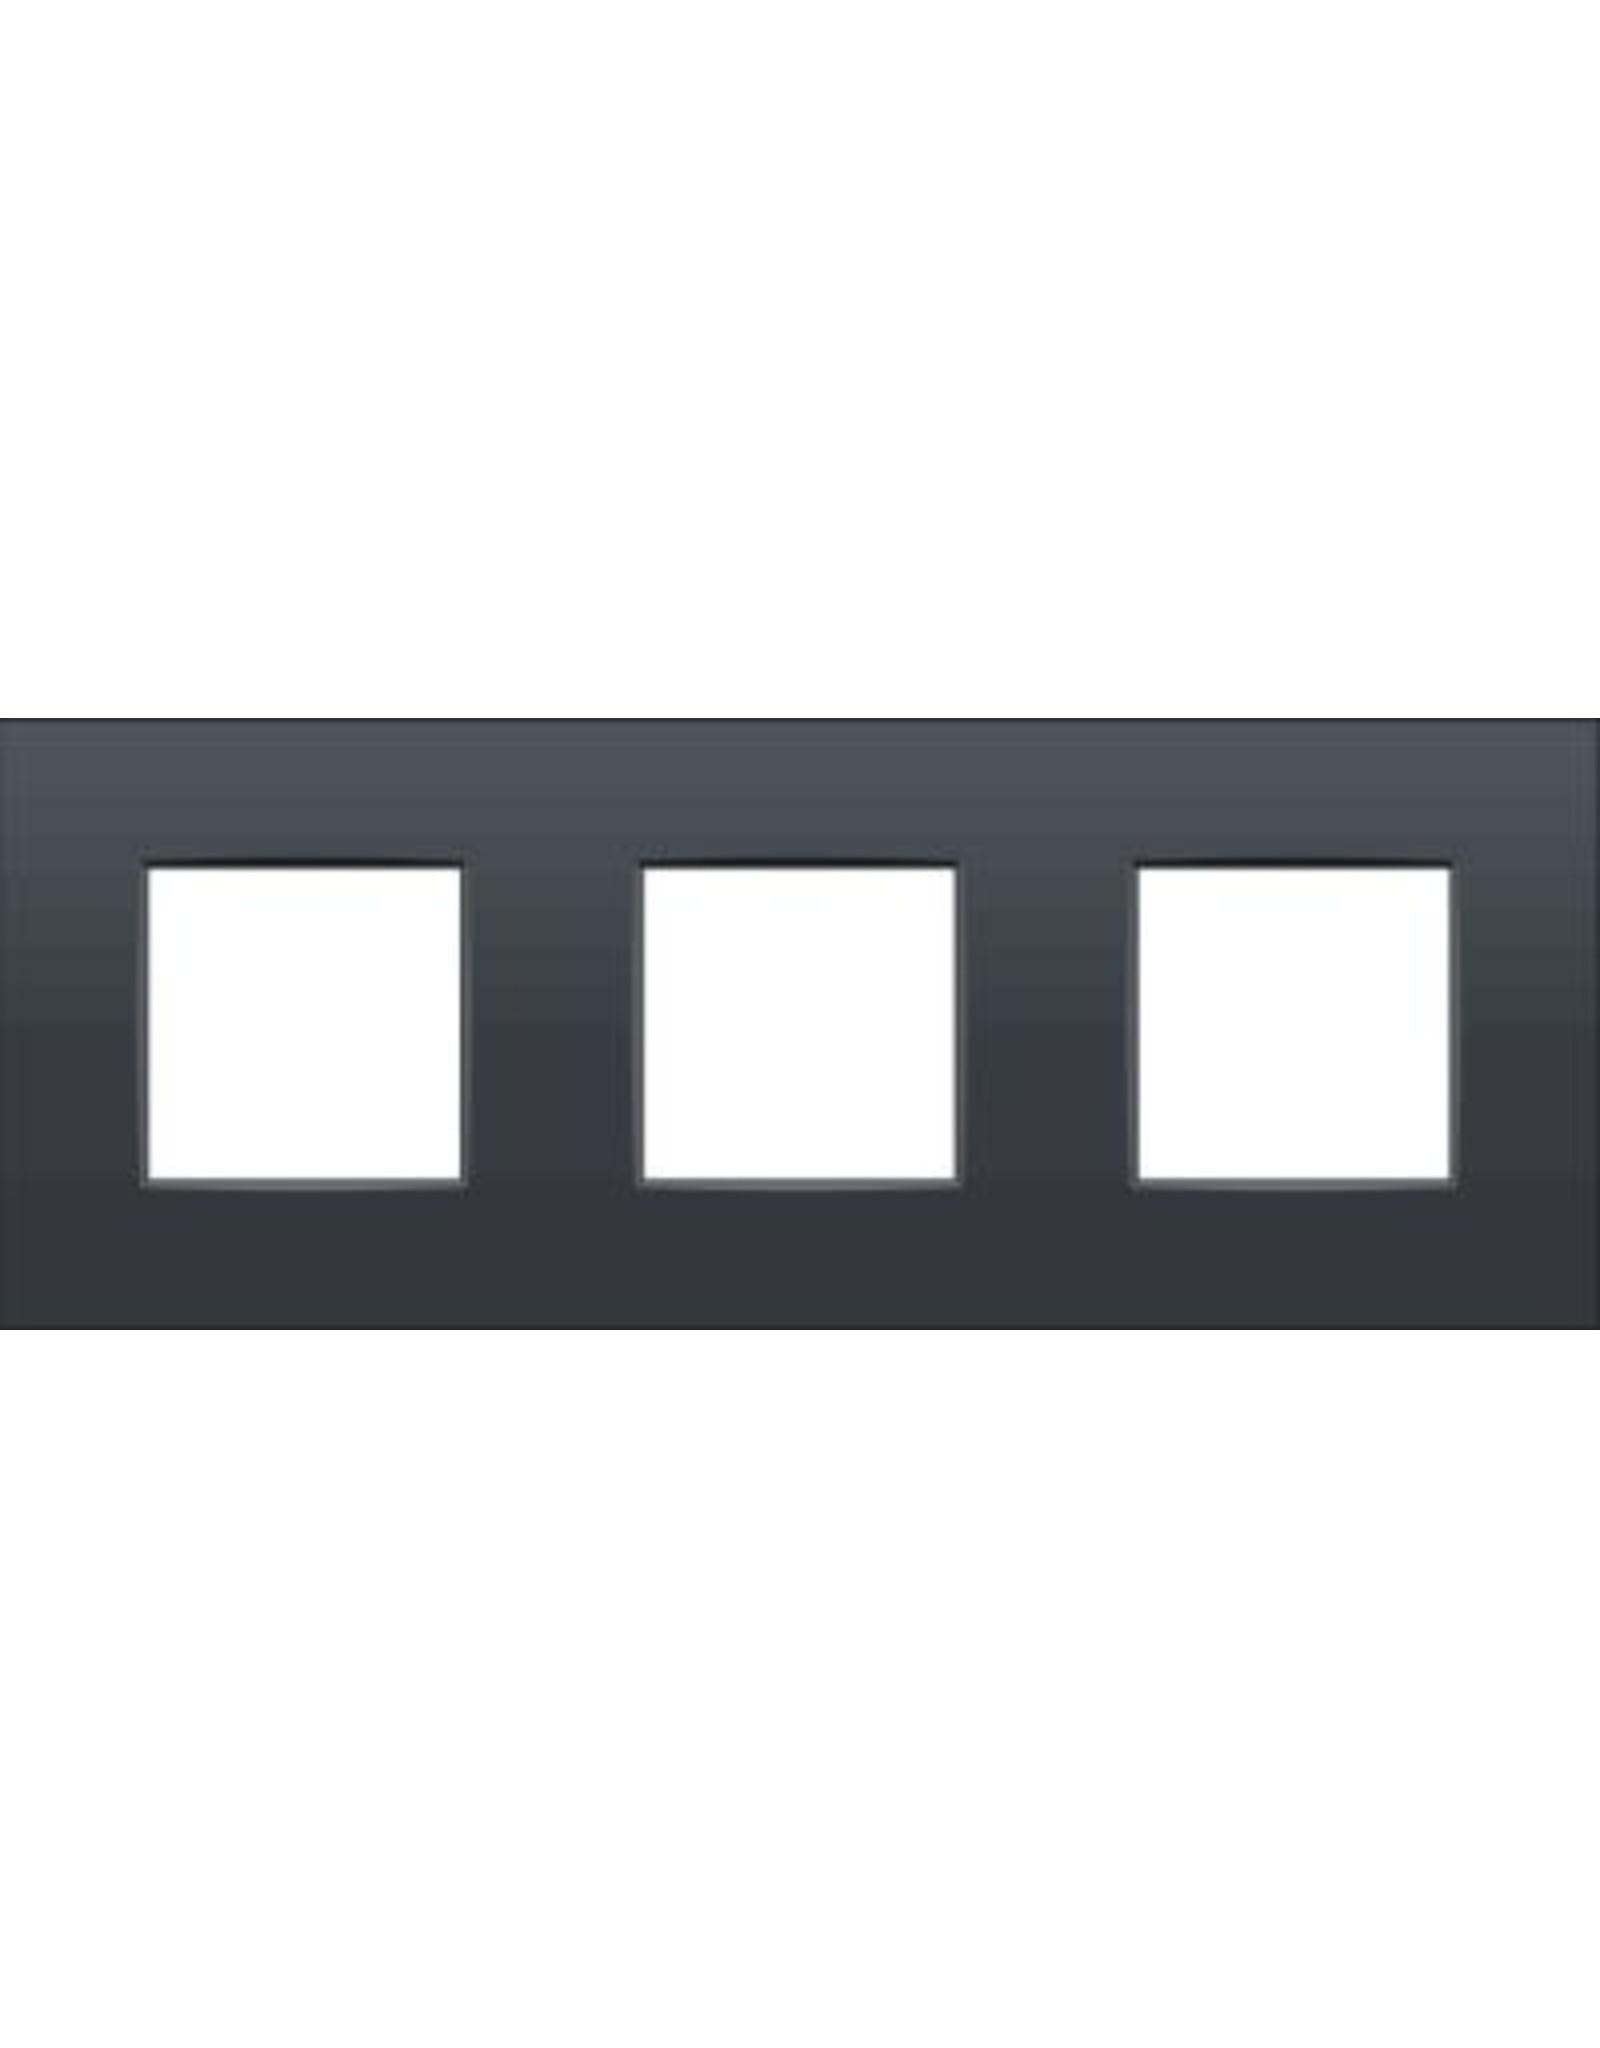 Afdekplaat (71mm) 3-voudig horizontaal, antraciet